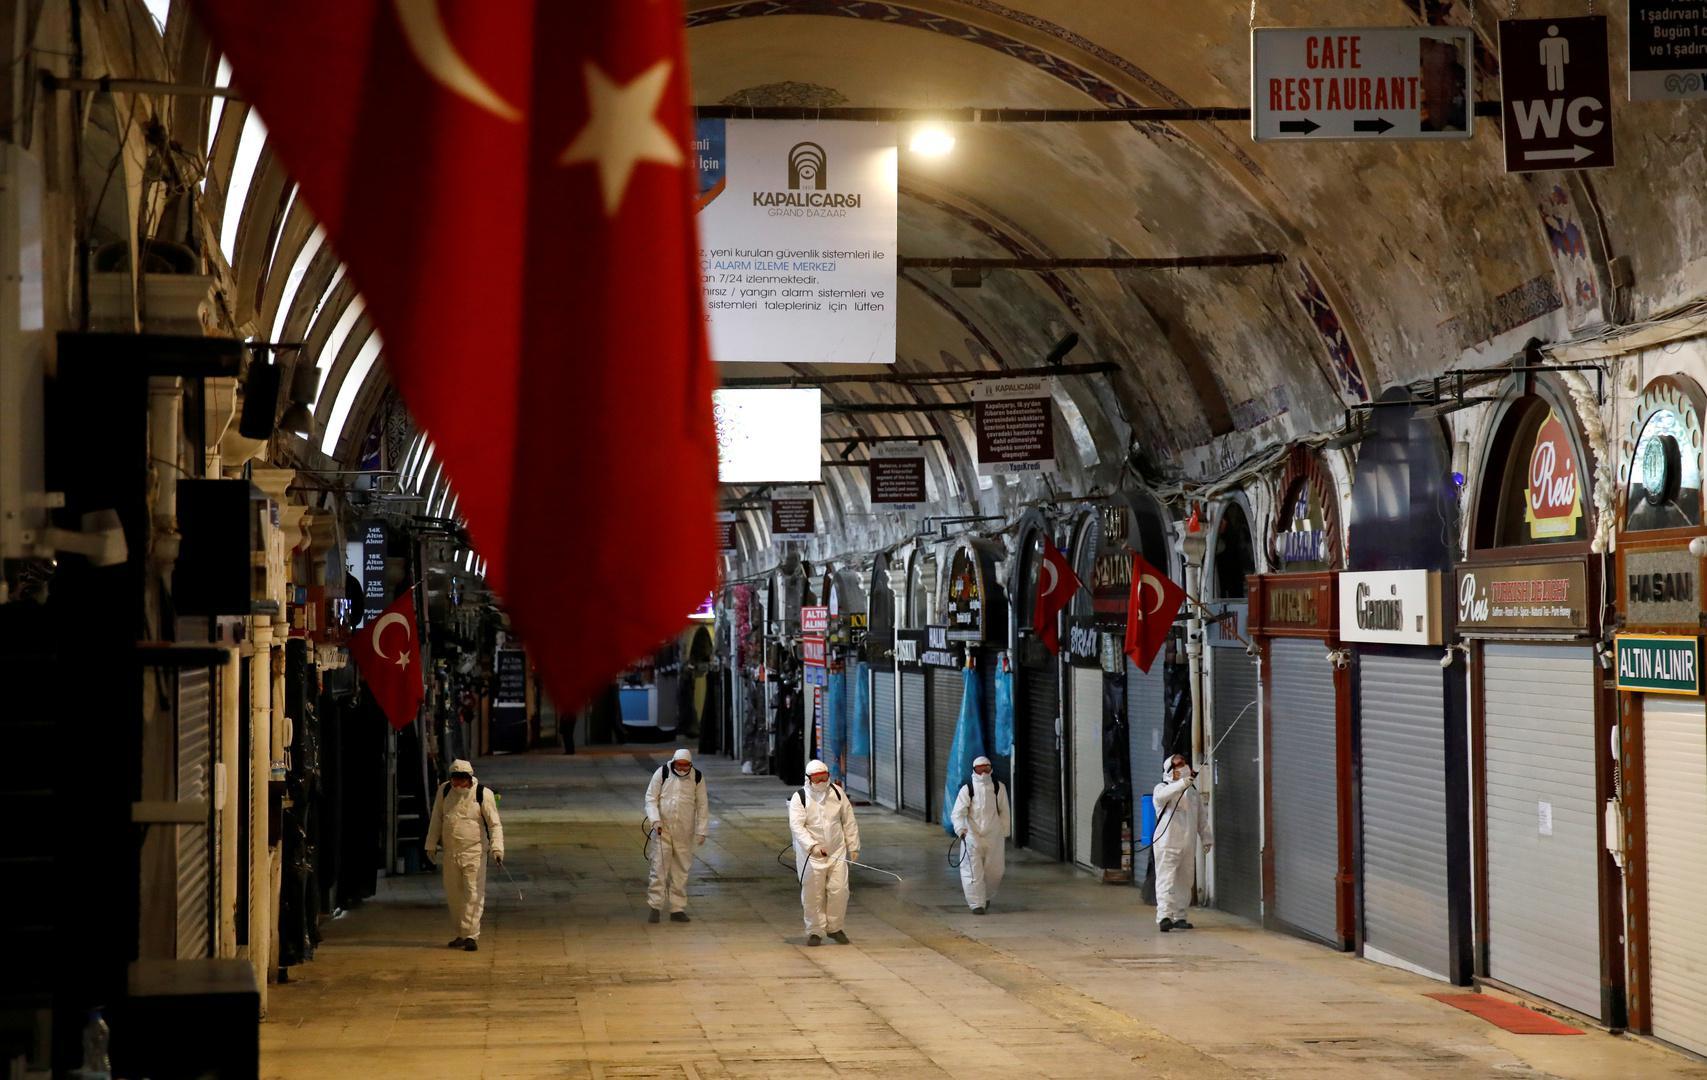 تمديد حظر التنقل بين المدن التركية الكبرى لمدة 15 يوما آخر